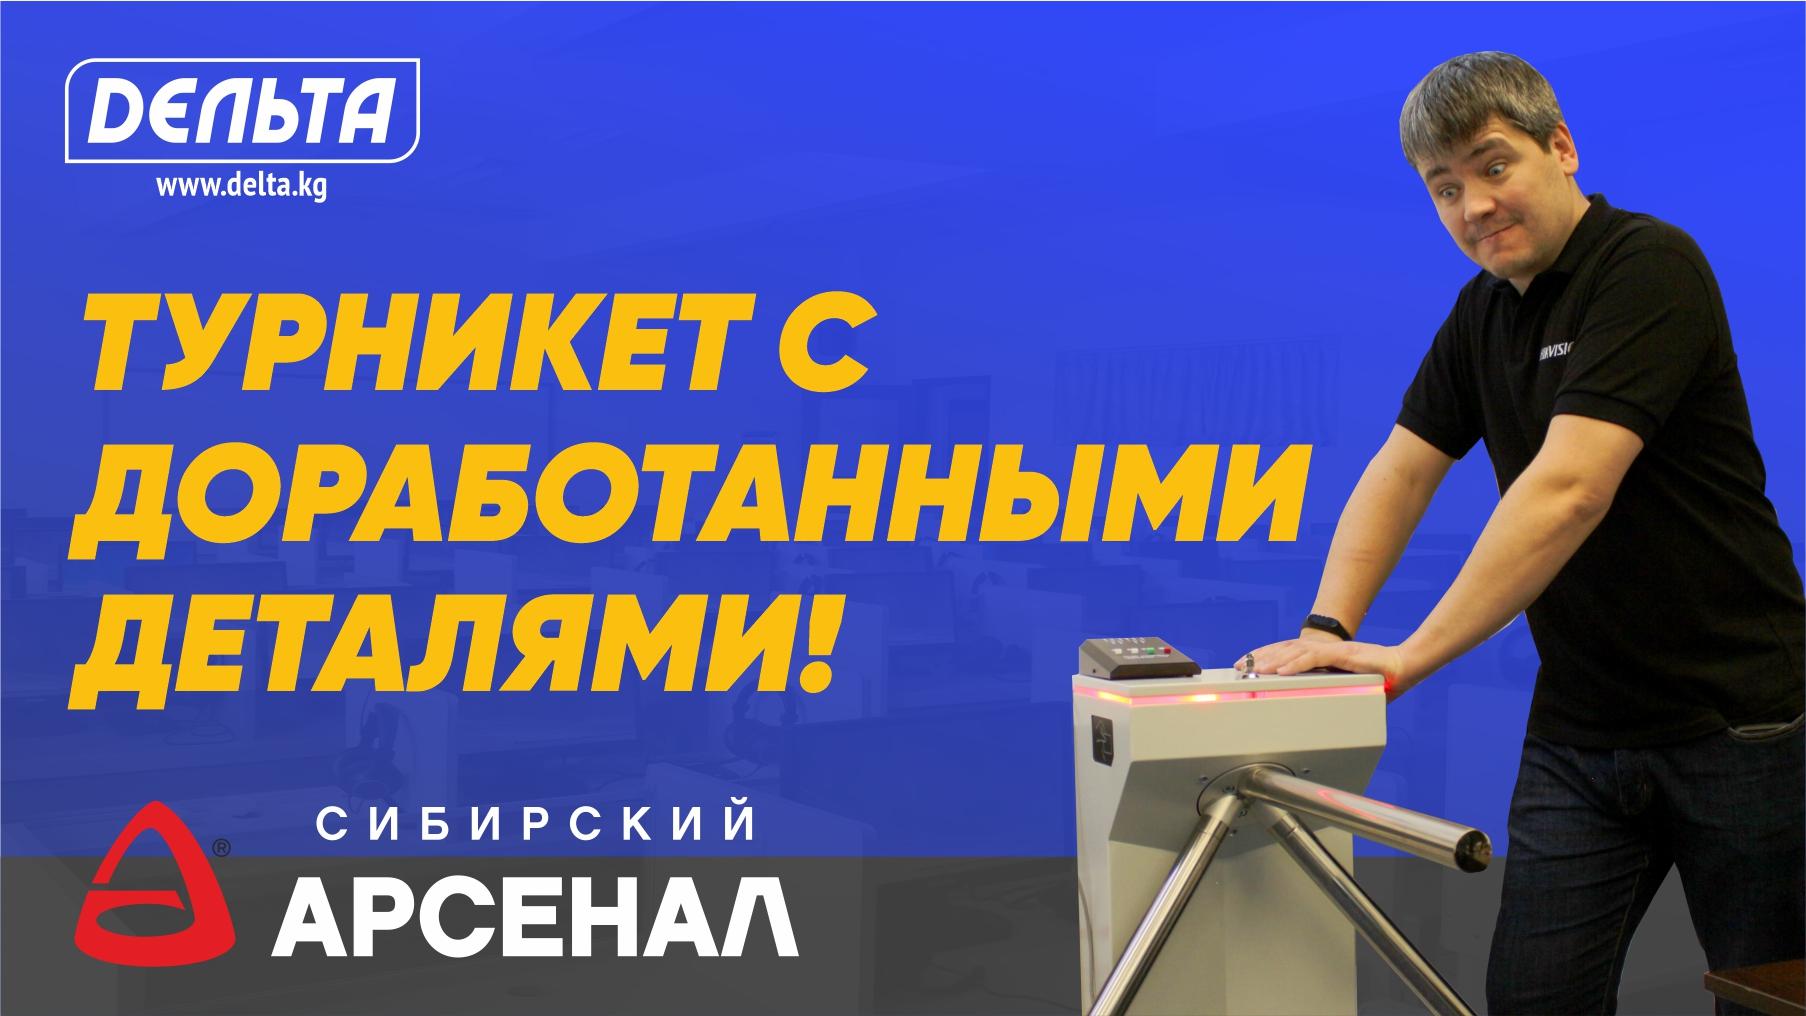 Улучшенная модель турникета уже в Бишкеке!